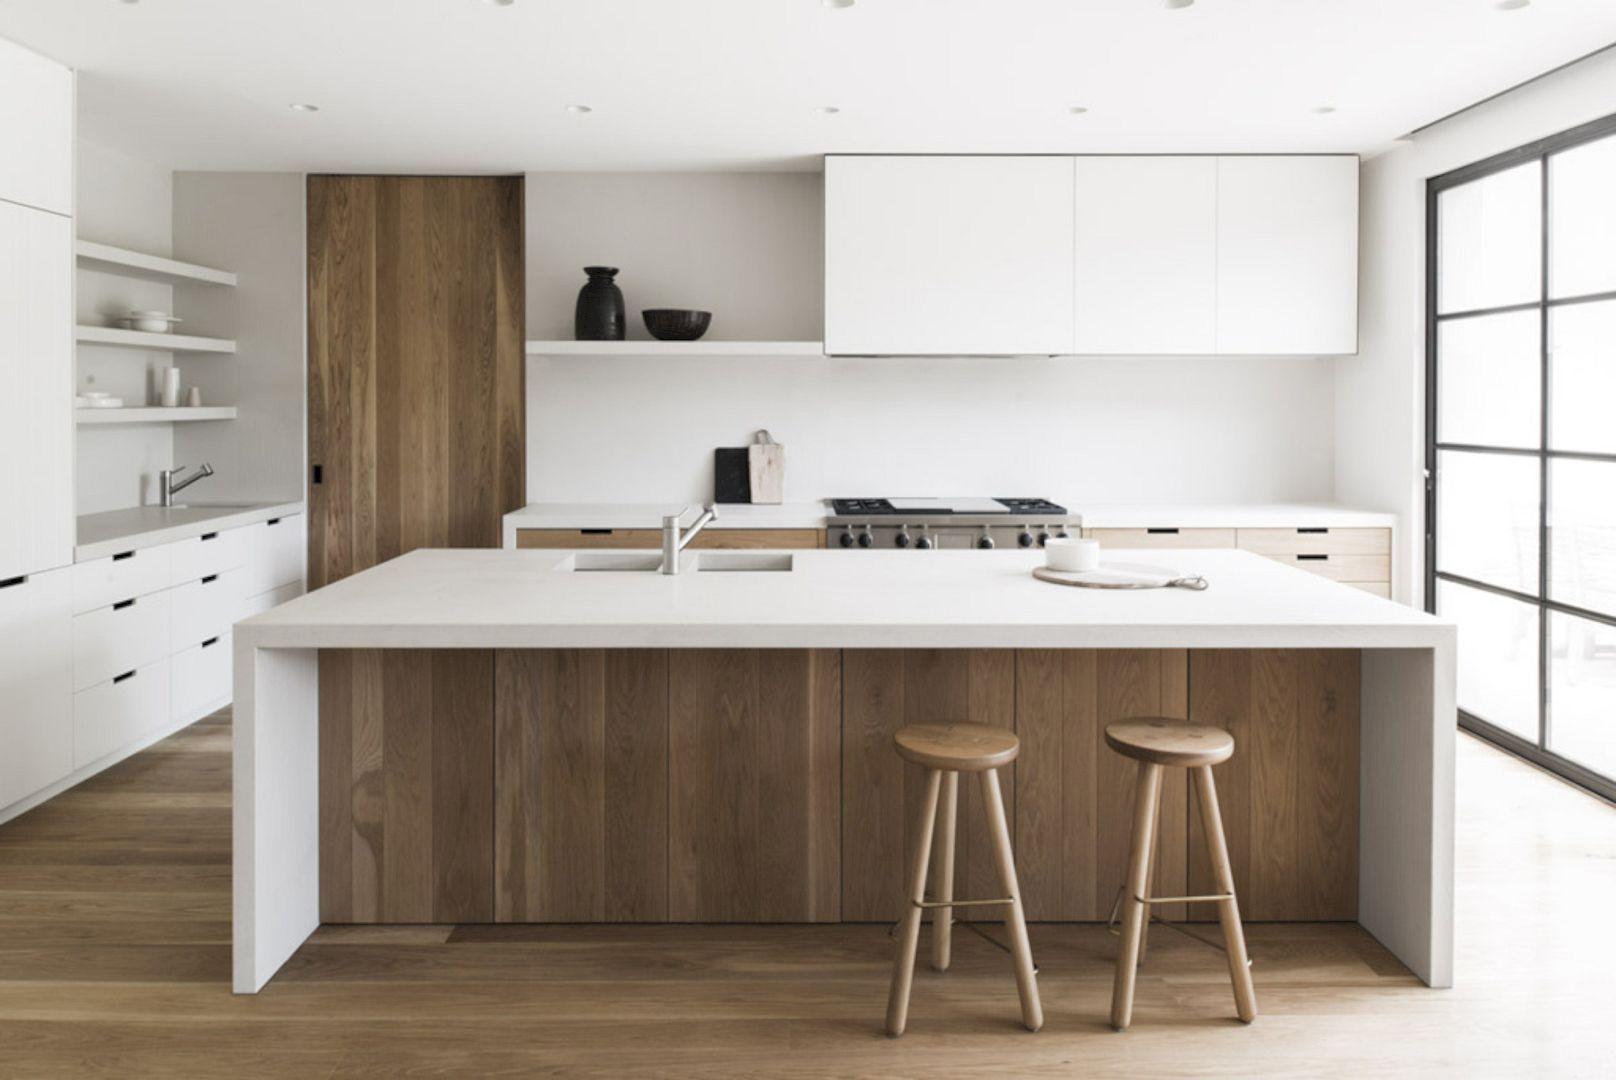 Impressive Modern Kitchen Interior Designs | Designs und Küche